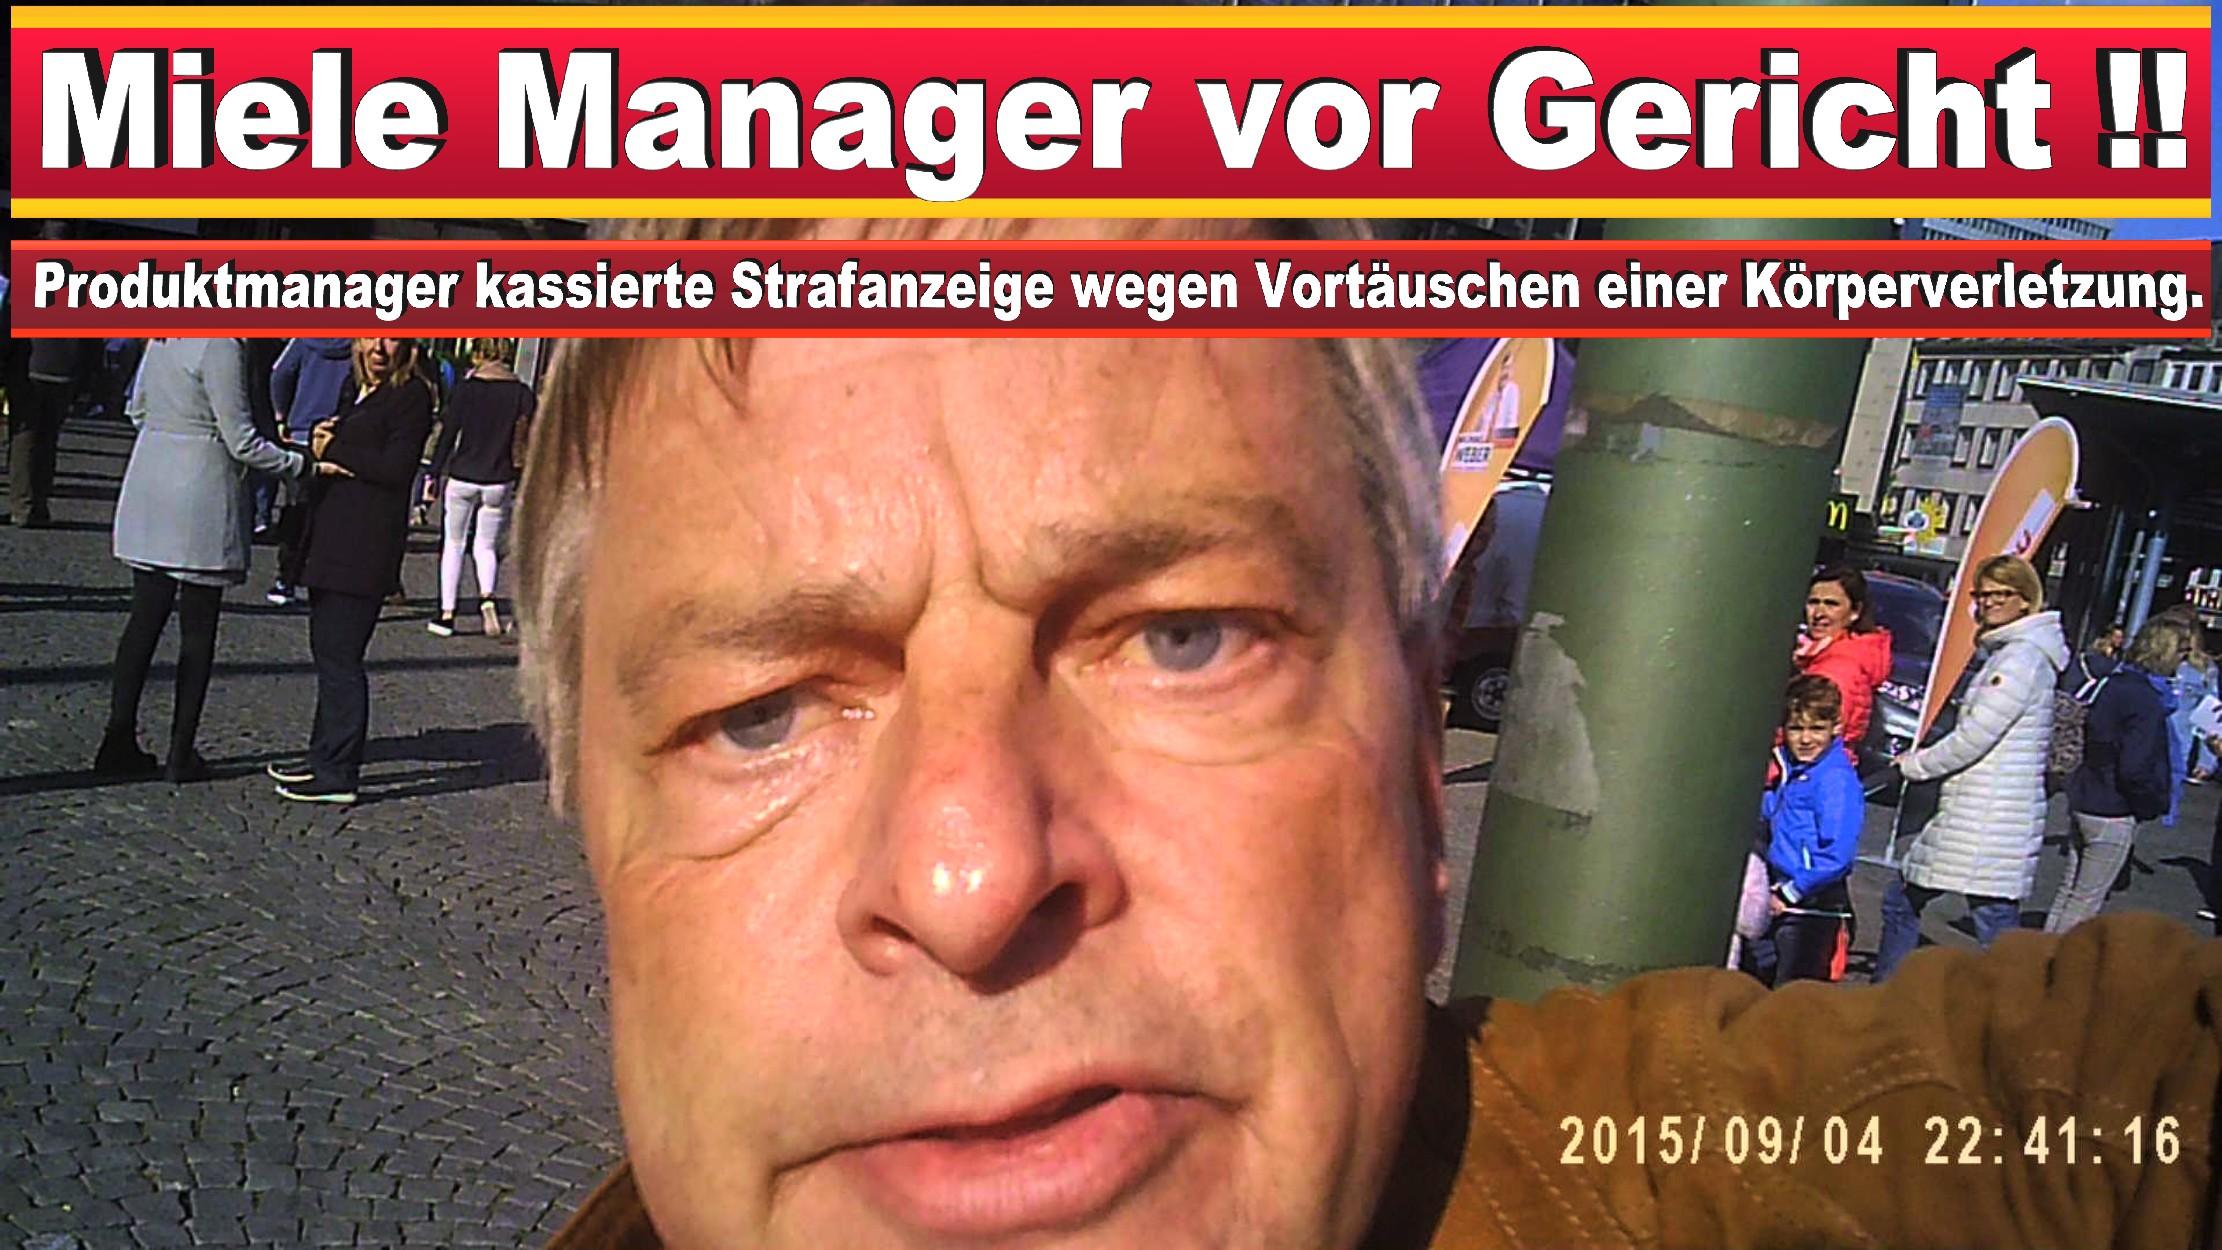 CDU BIELEFELD POLIZEIGEWALT GEWALTAUSBRUCH UND STRAFANZEIGE GEGEN EINEN JOURNALISTEN (4)